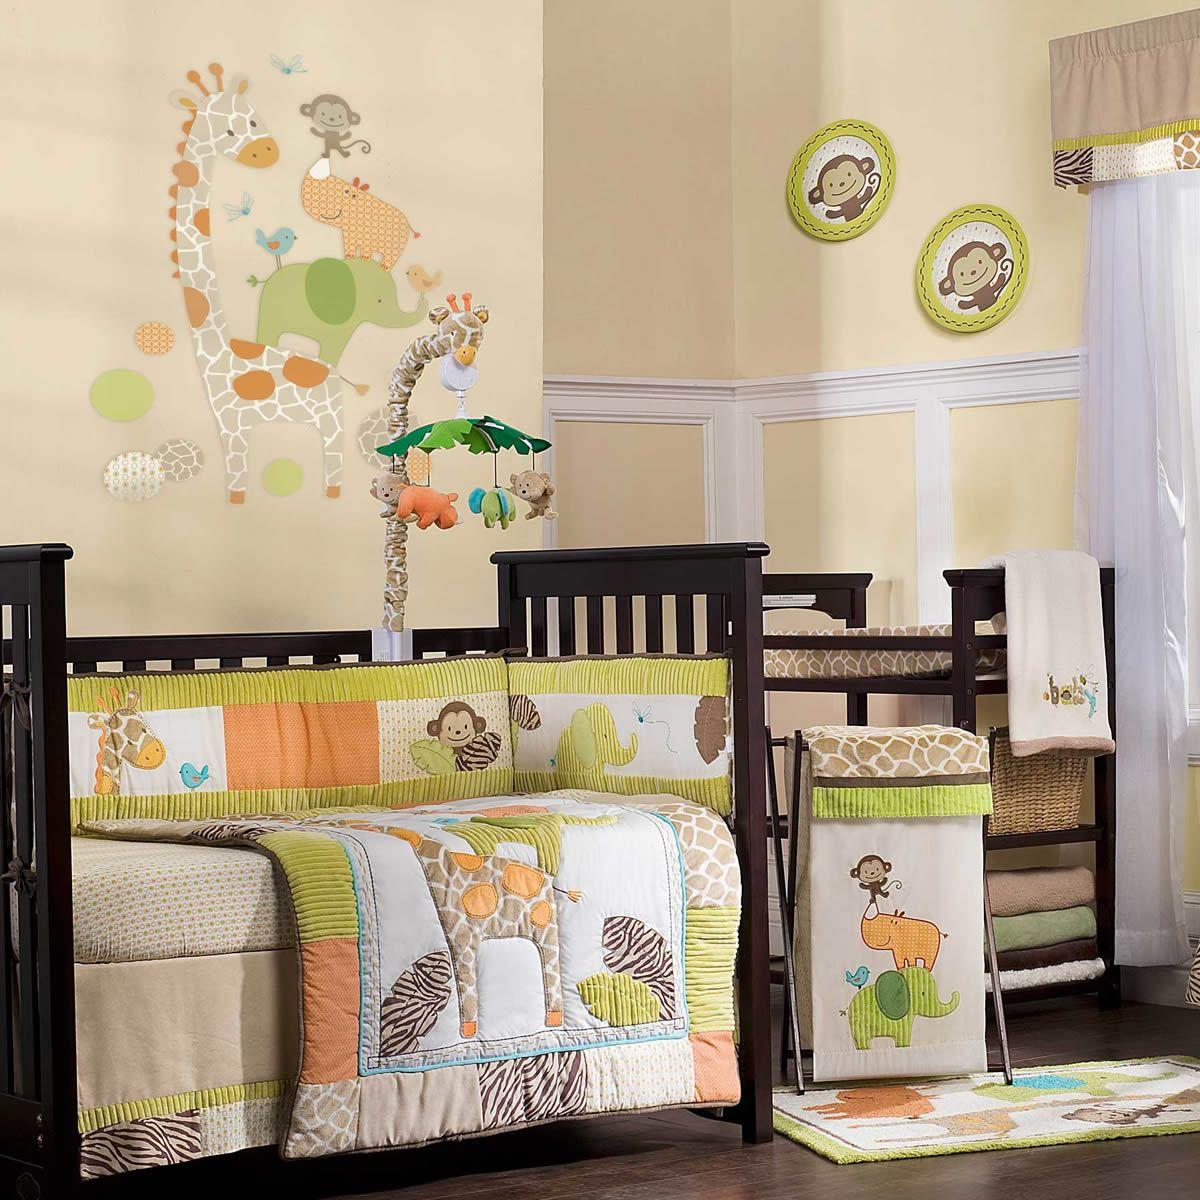 16+ Decoracion para habitacion de bebe trends